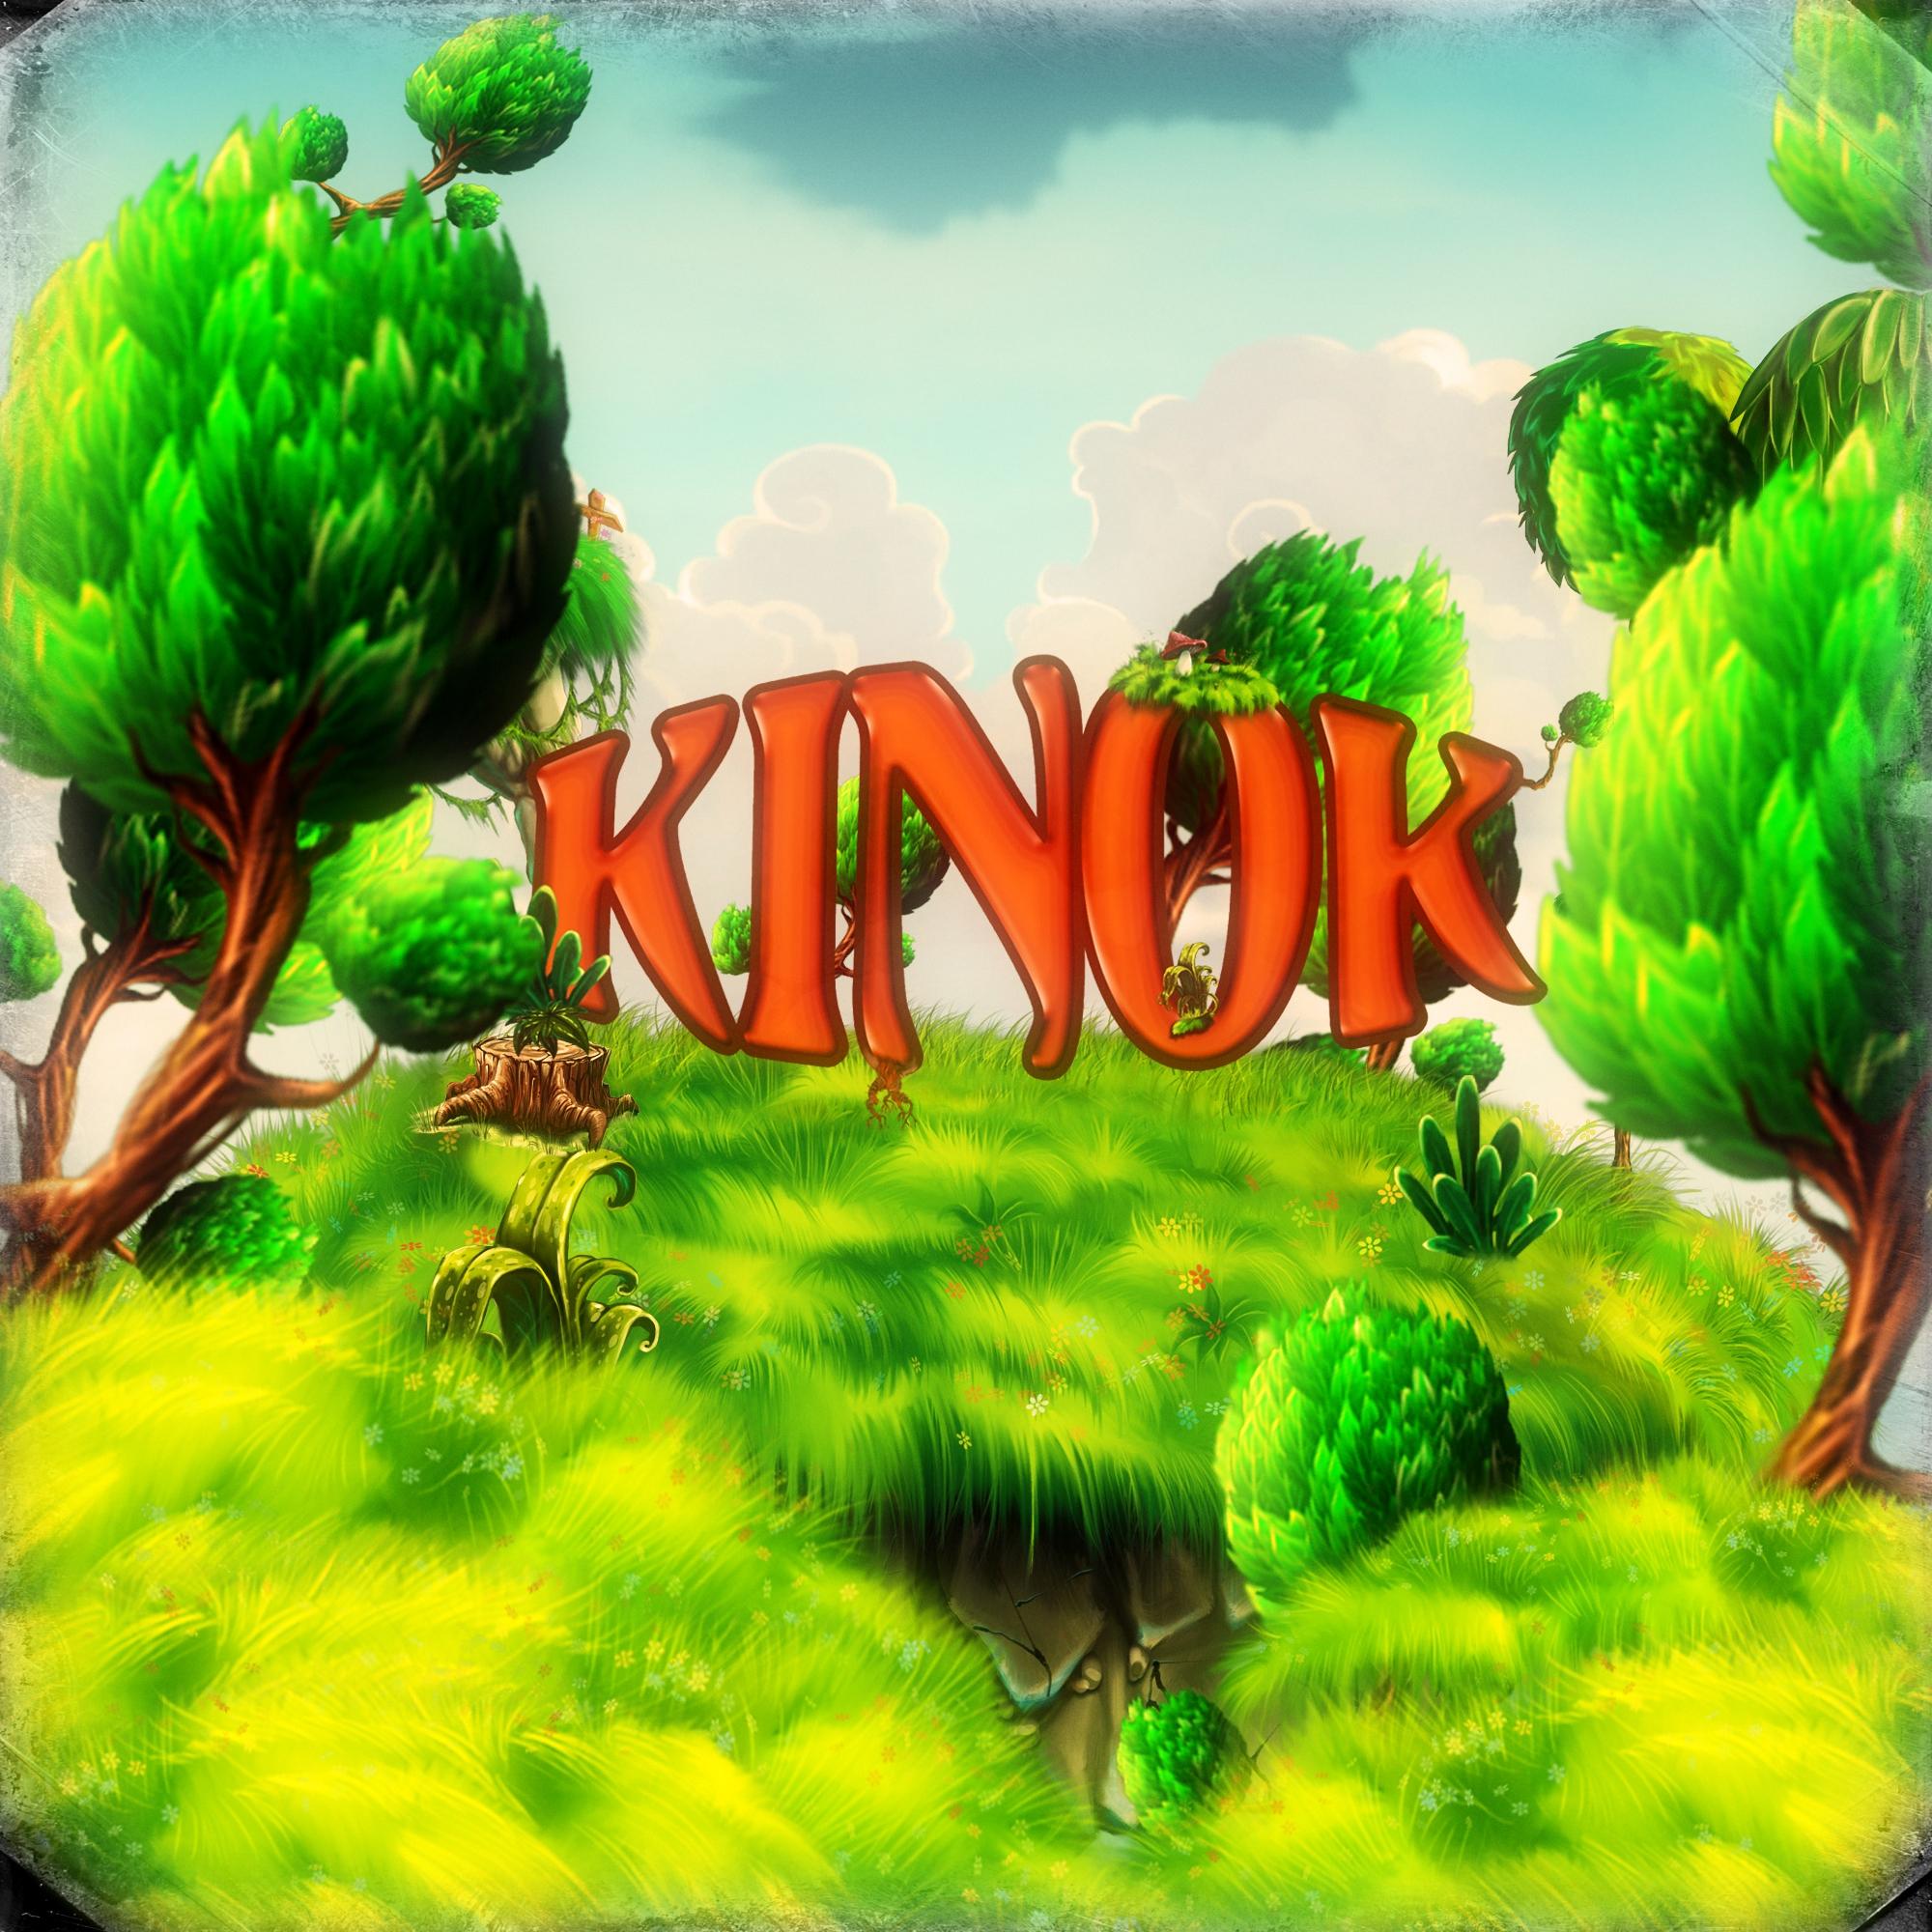 Itch.io: Gratis Go Kinok Go